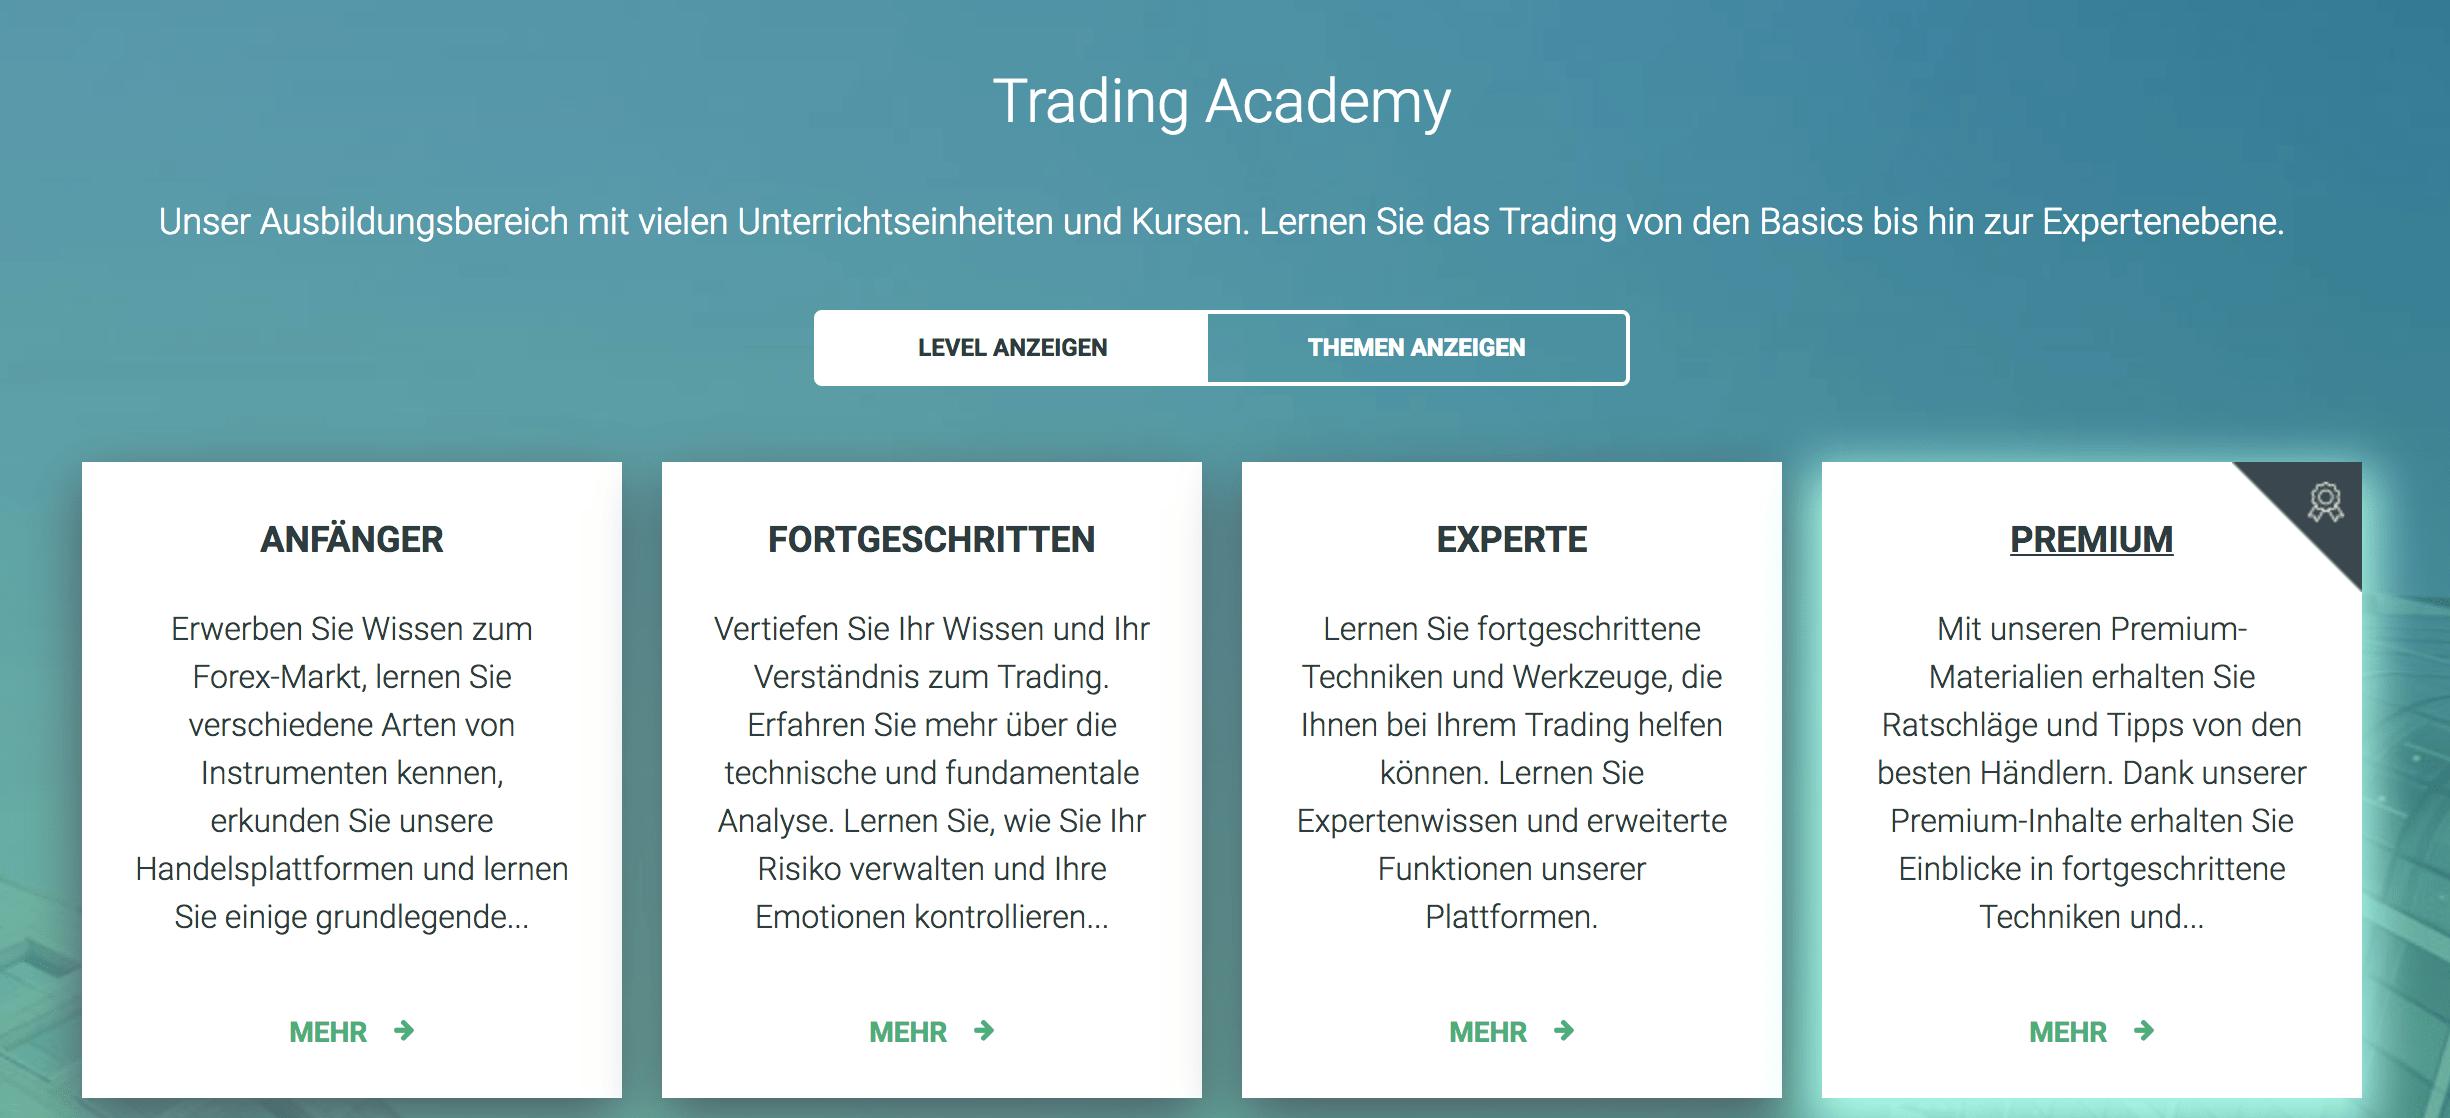 XTB Forex Erfahrungsbericht